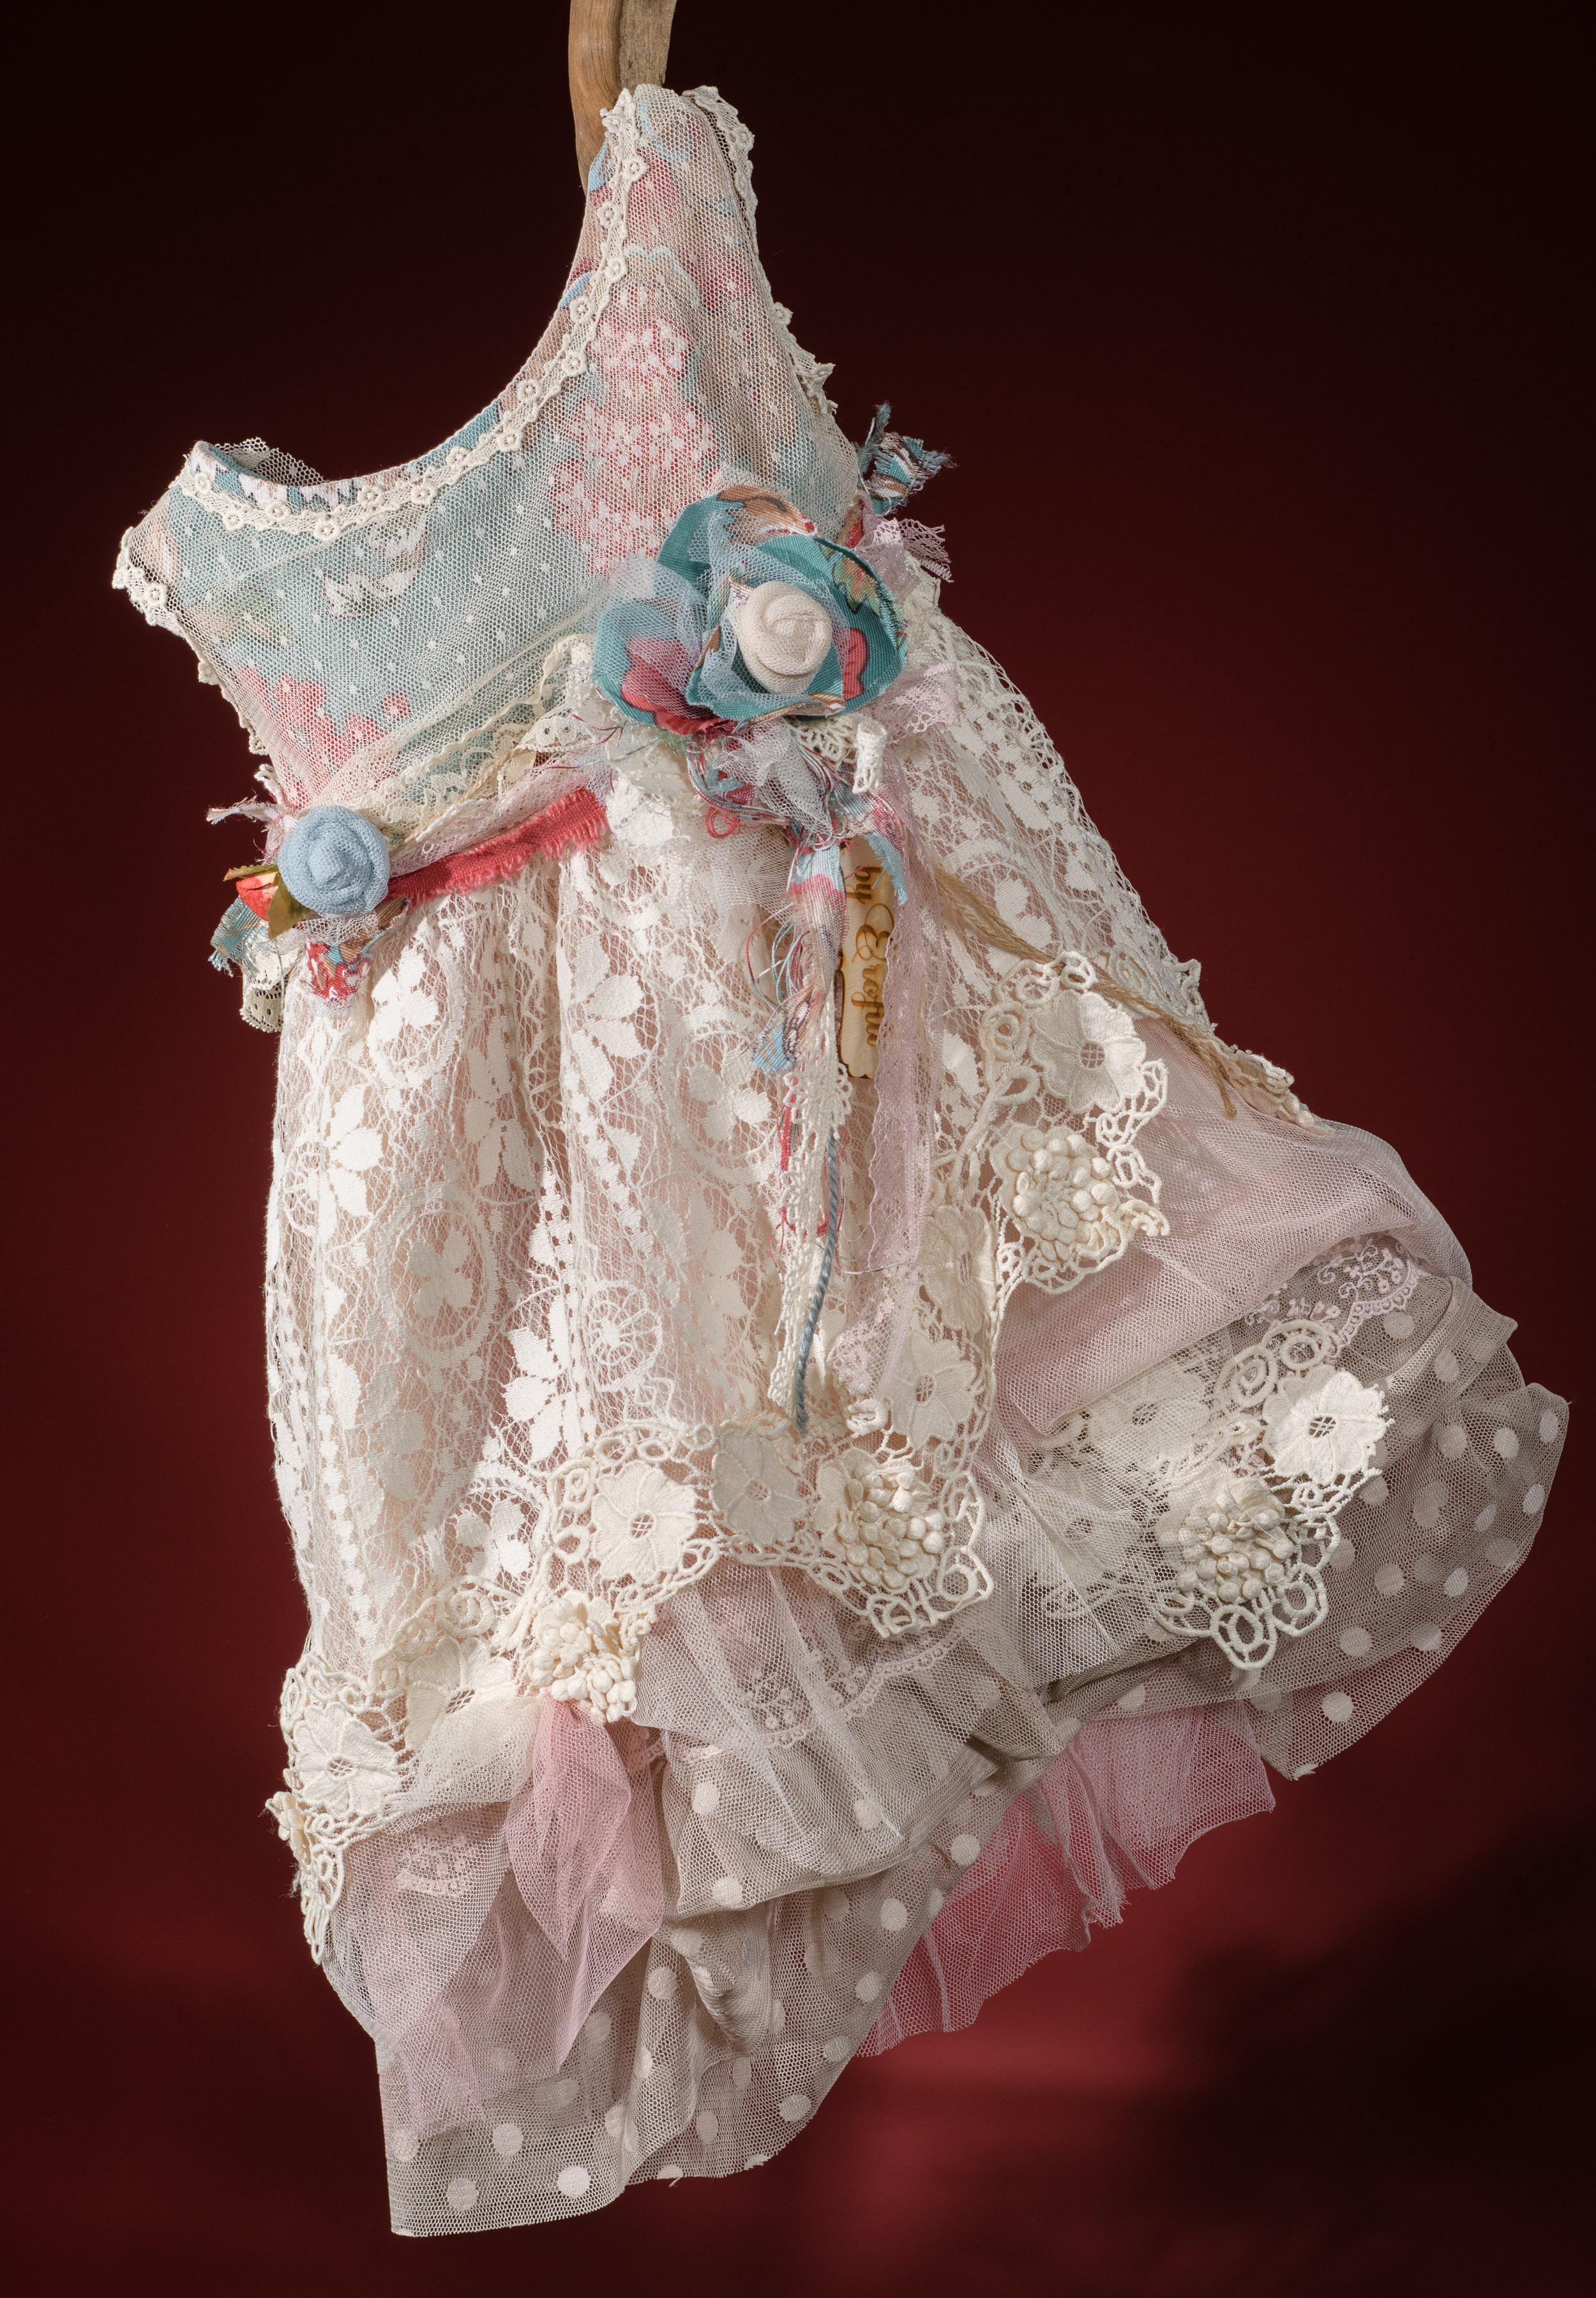 Ένα ζωηρό σύνολο για κορίτσι σε έντονους τόνους που περιλαμβάνει: Φόρεμα (φόδρα από 100% βαμβάκι) πολυεπίπεδο με φλοράλ μπούστο,ζώνη με χειροποίητα λουλούδια και συνδυασμό δαντέλας με τούλι ή crop top με φούστα Στεφάνι ασορτί χειροποίητο για τα μαλλιά Μπολερό ή παλτουδάκι ασορτί Παπουτσάκια μπαλαρίνες φλοράλ χειροποίητα Για πολύχρωμες εμπειρίες!